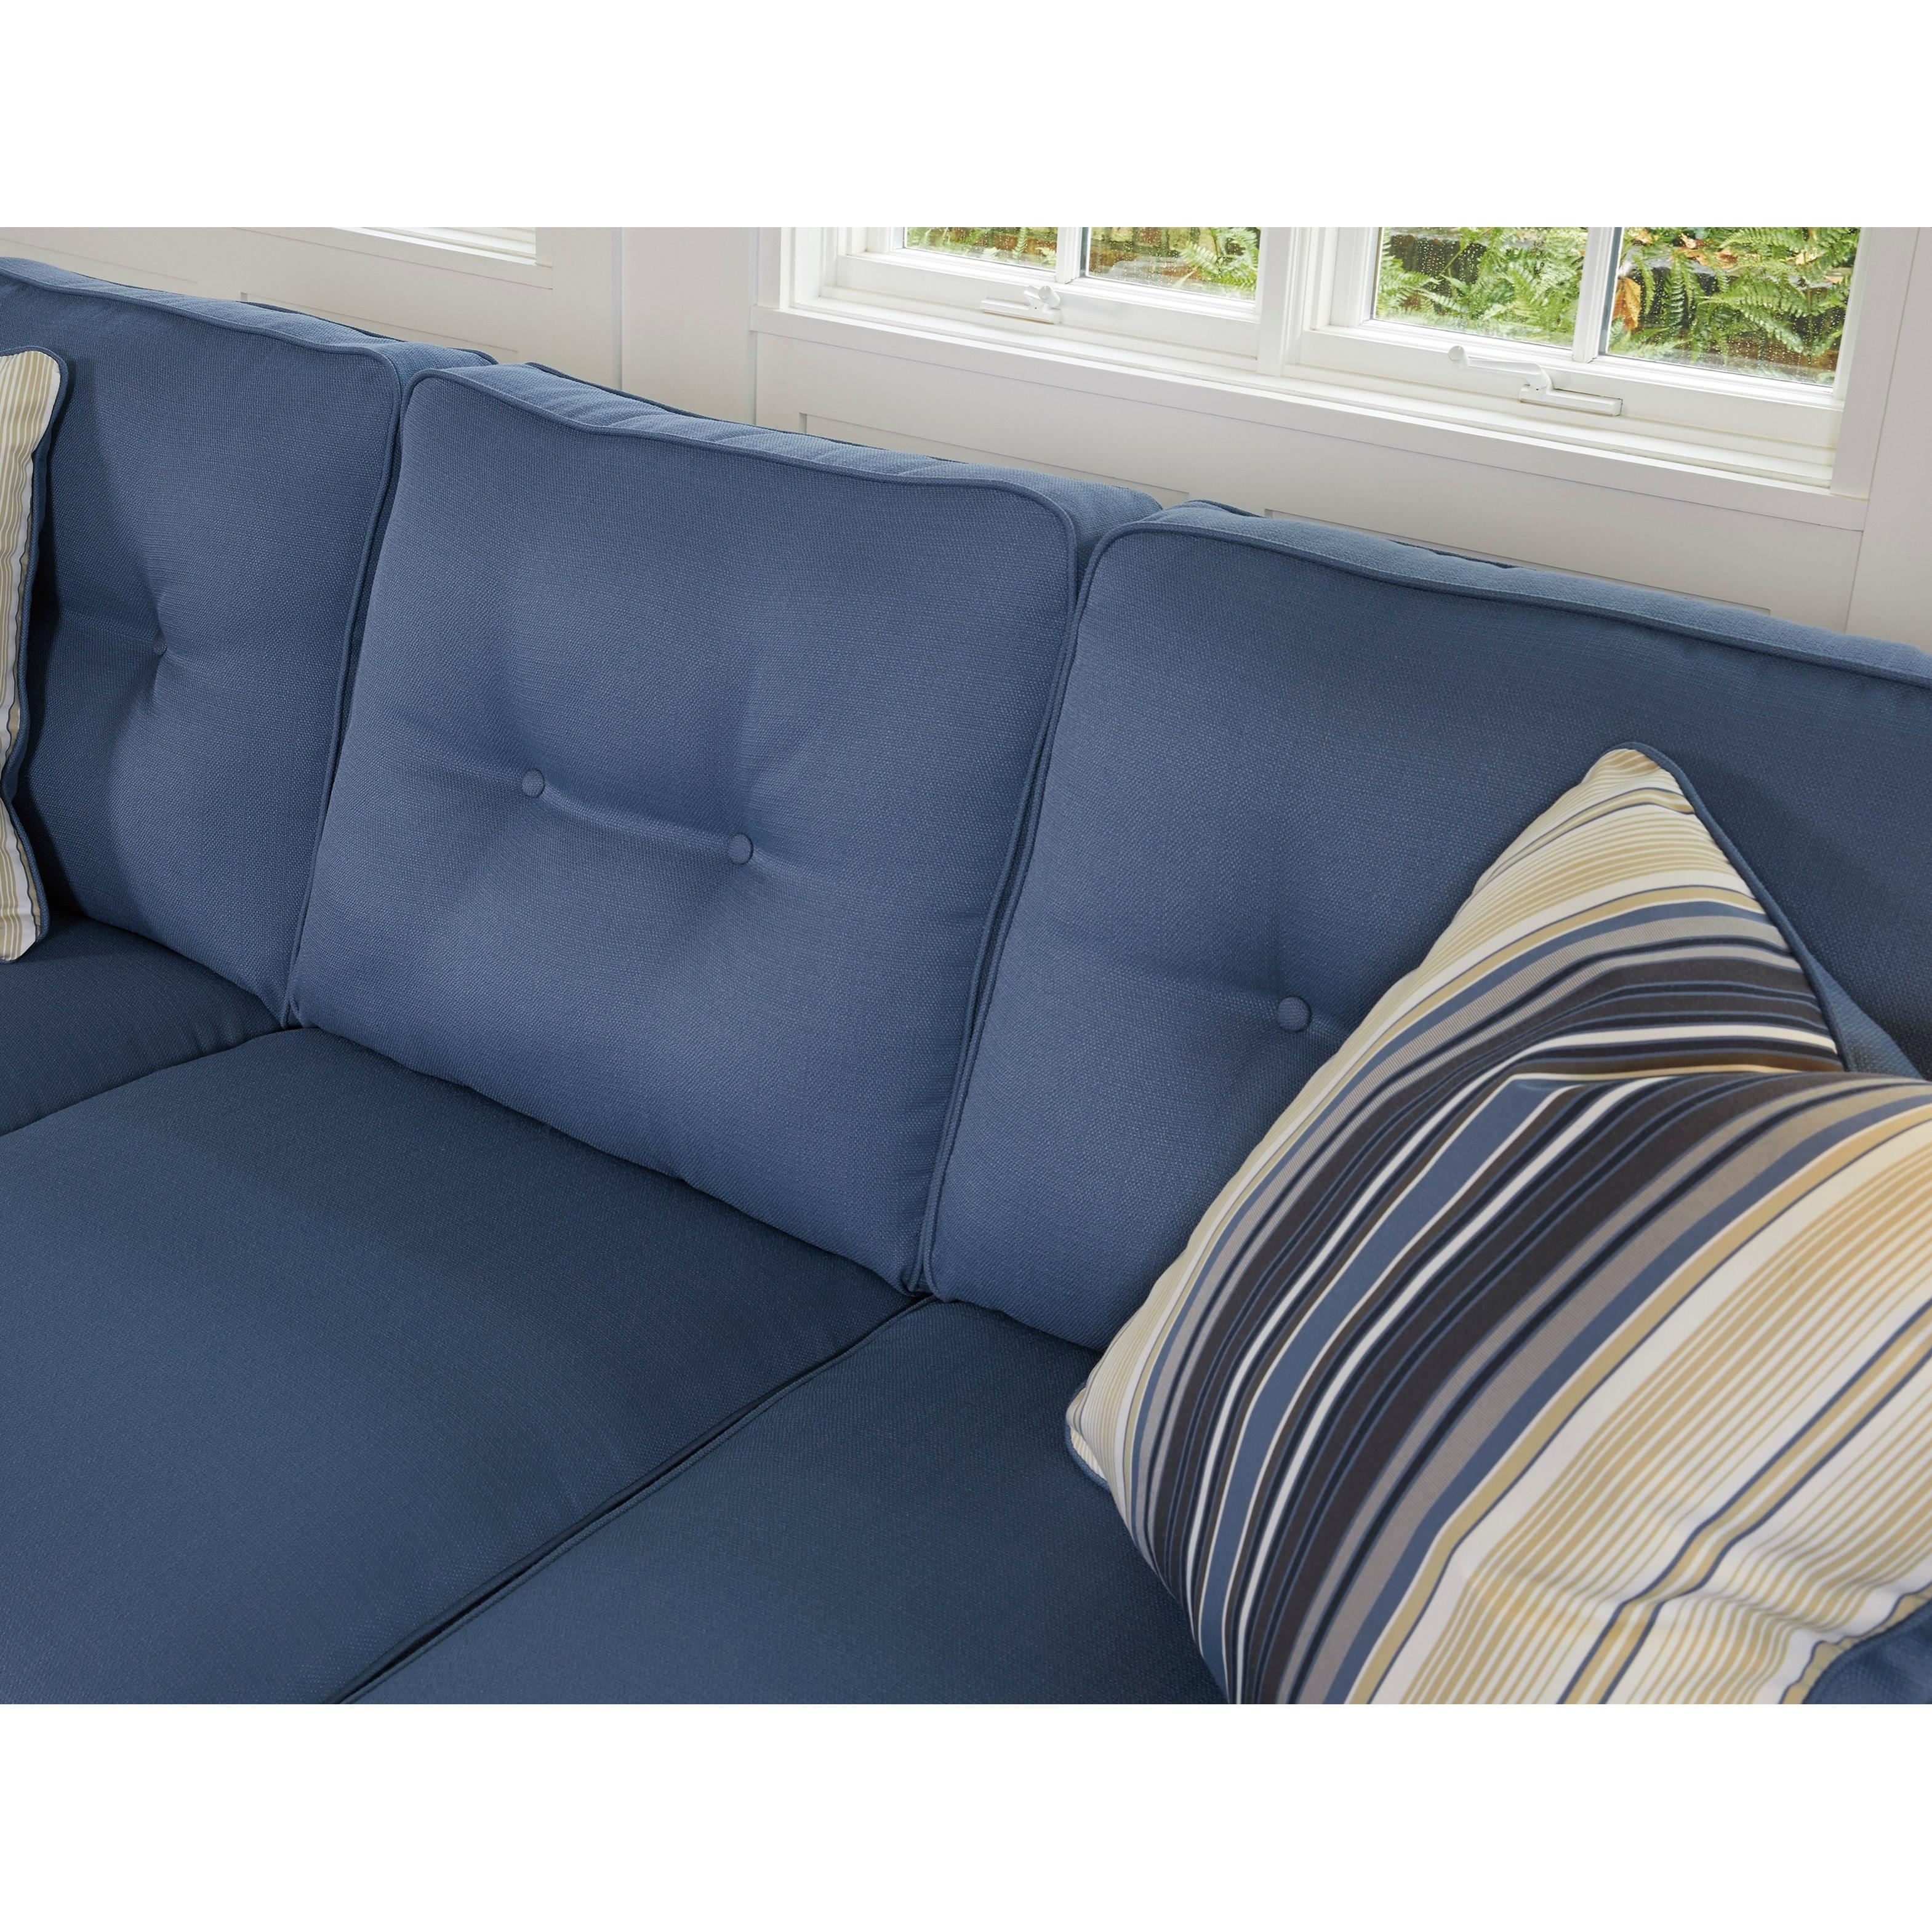 Benchcraft Aldie Nuvella 6870368 Queen Sofa Chaise Sleeper